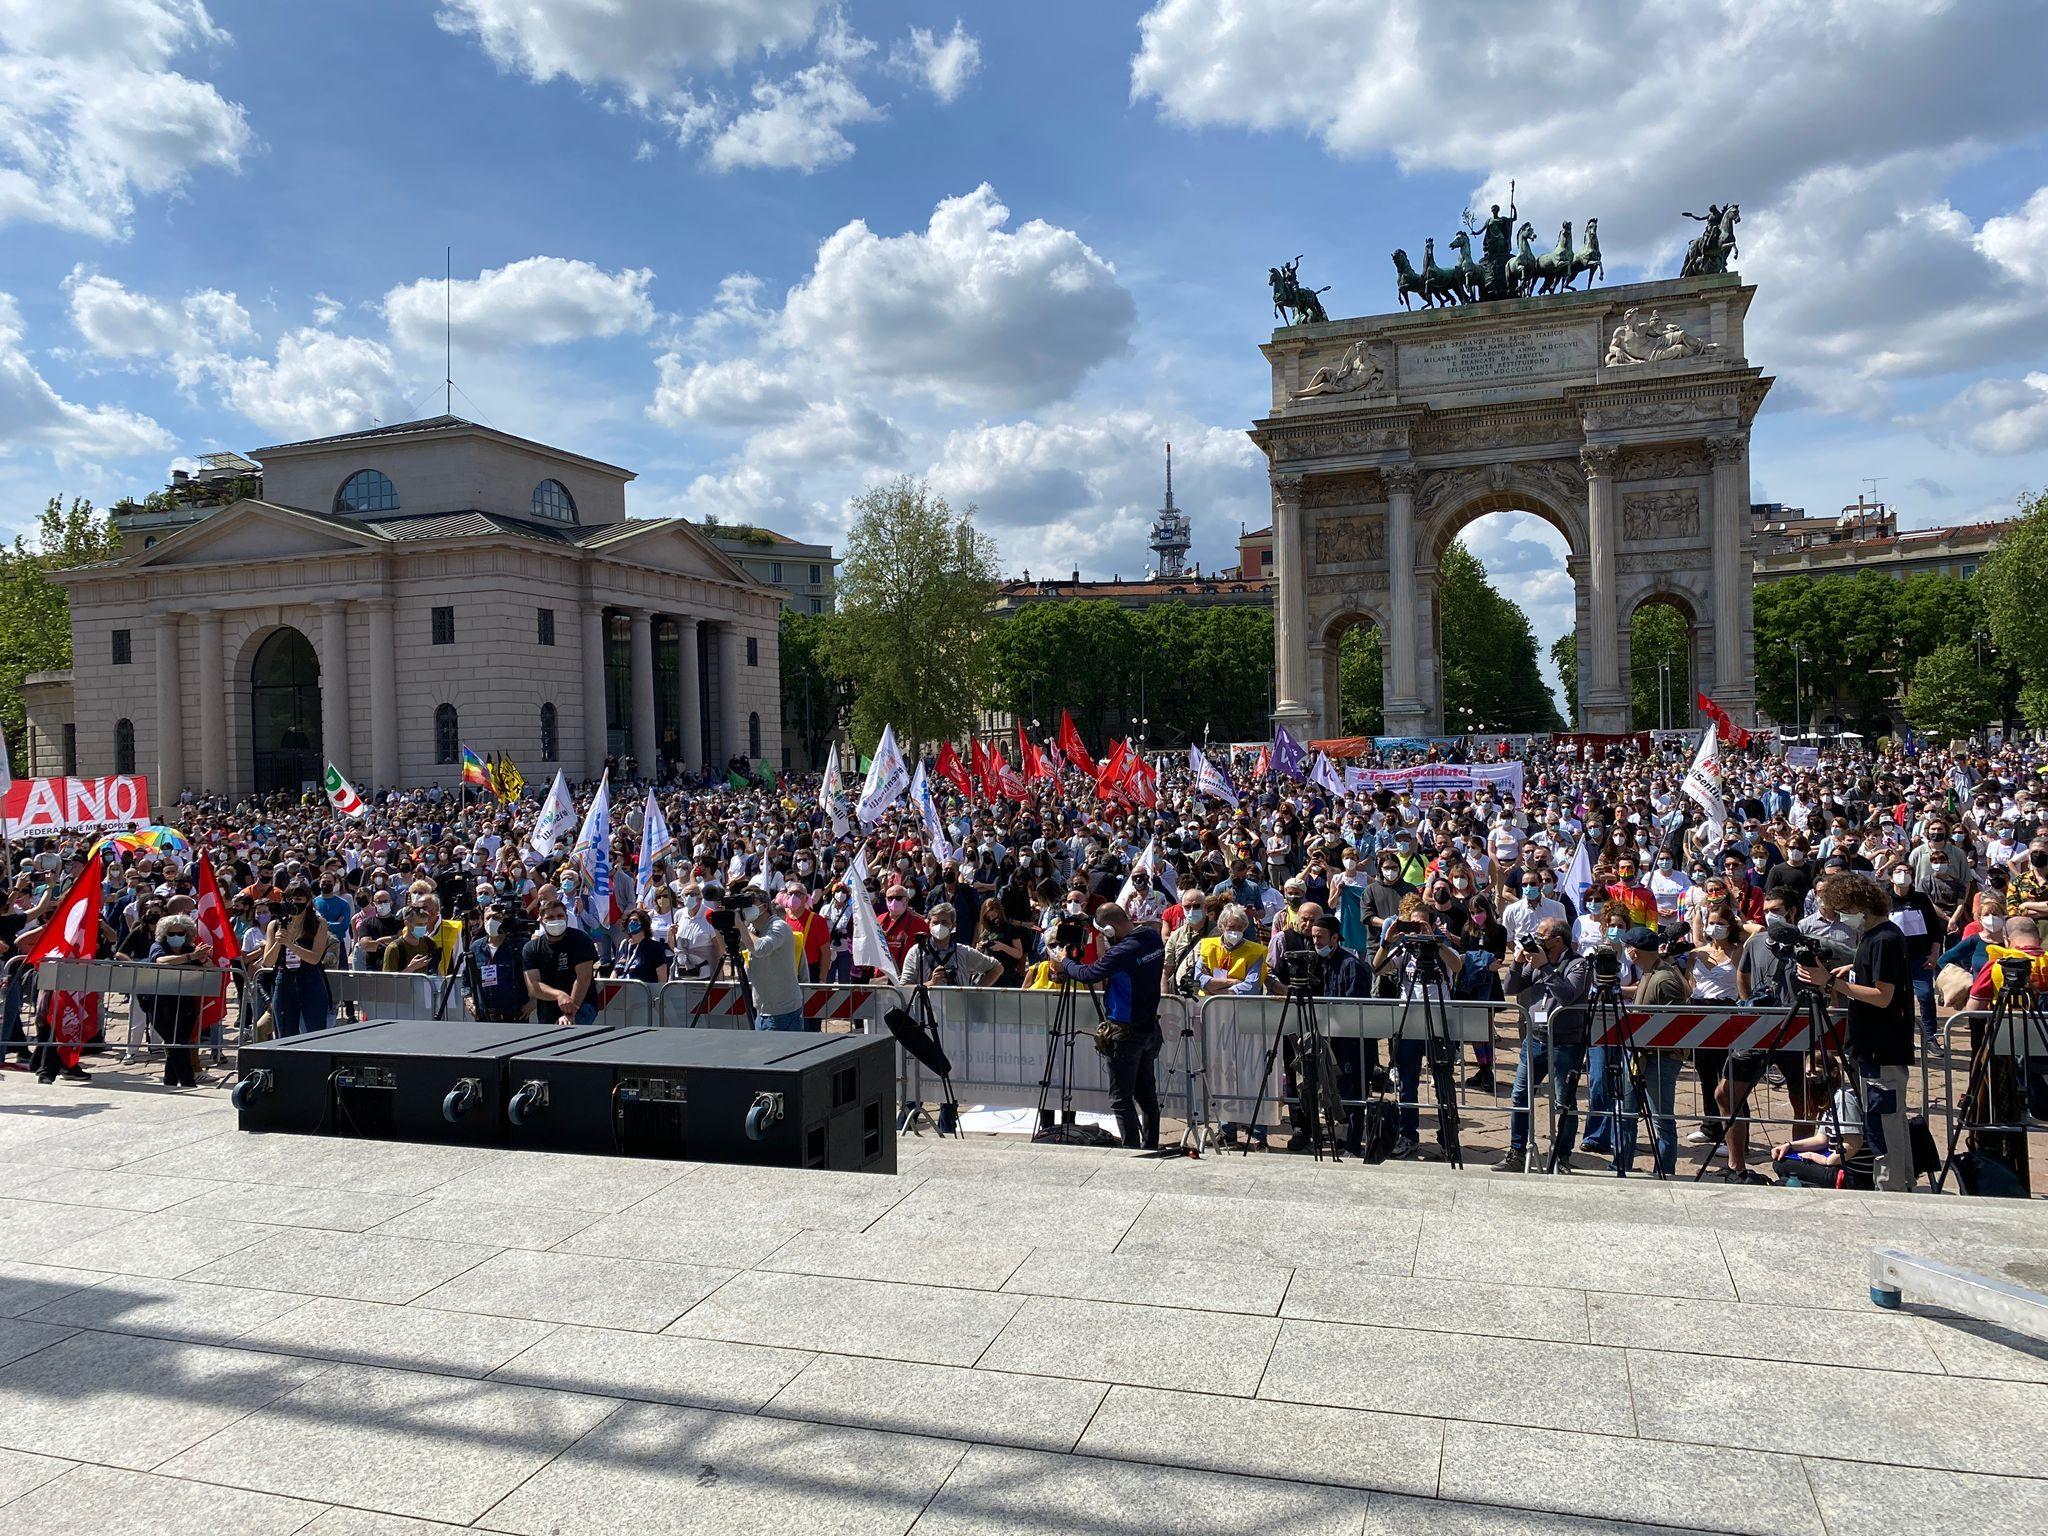 Migliaia di partecipanti alla manifestazione (Fonte: Fanpage.it)